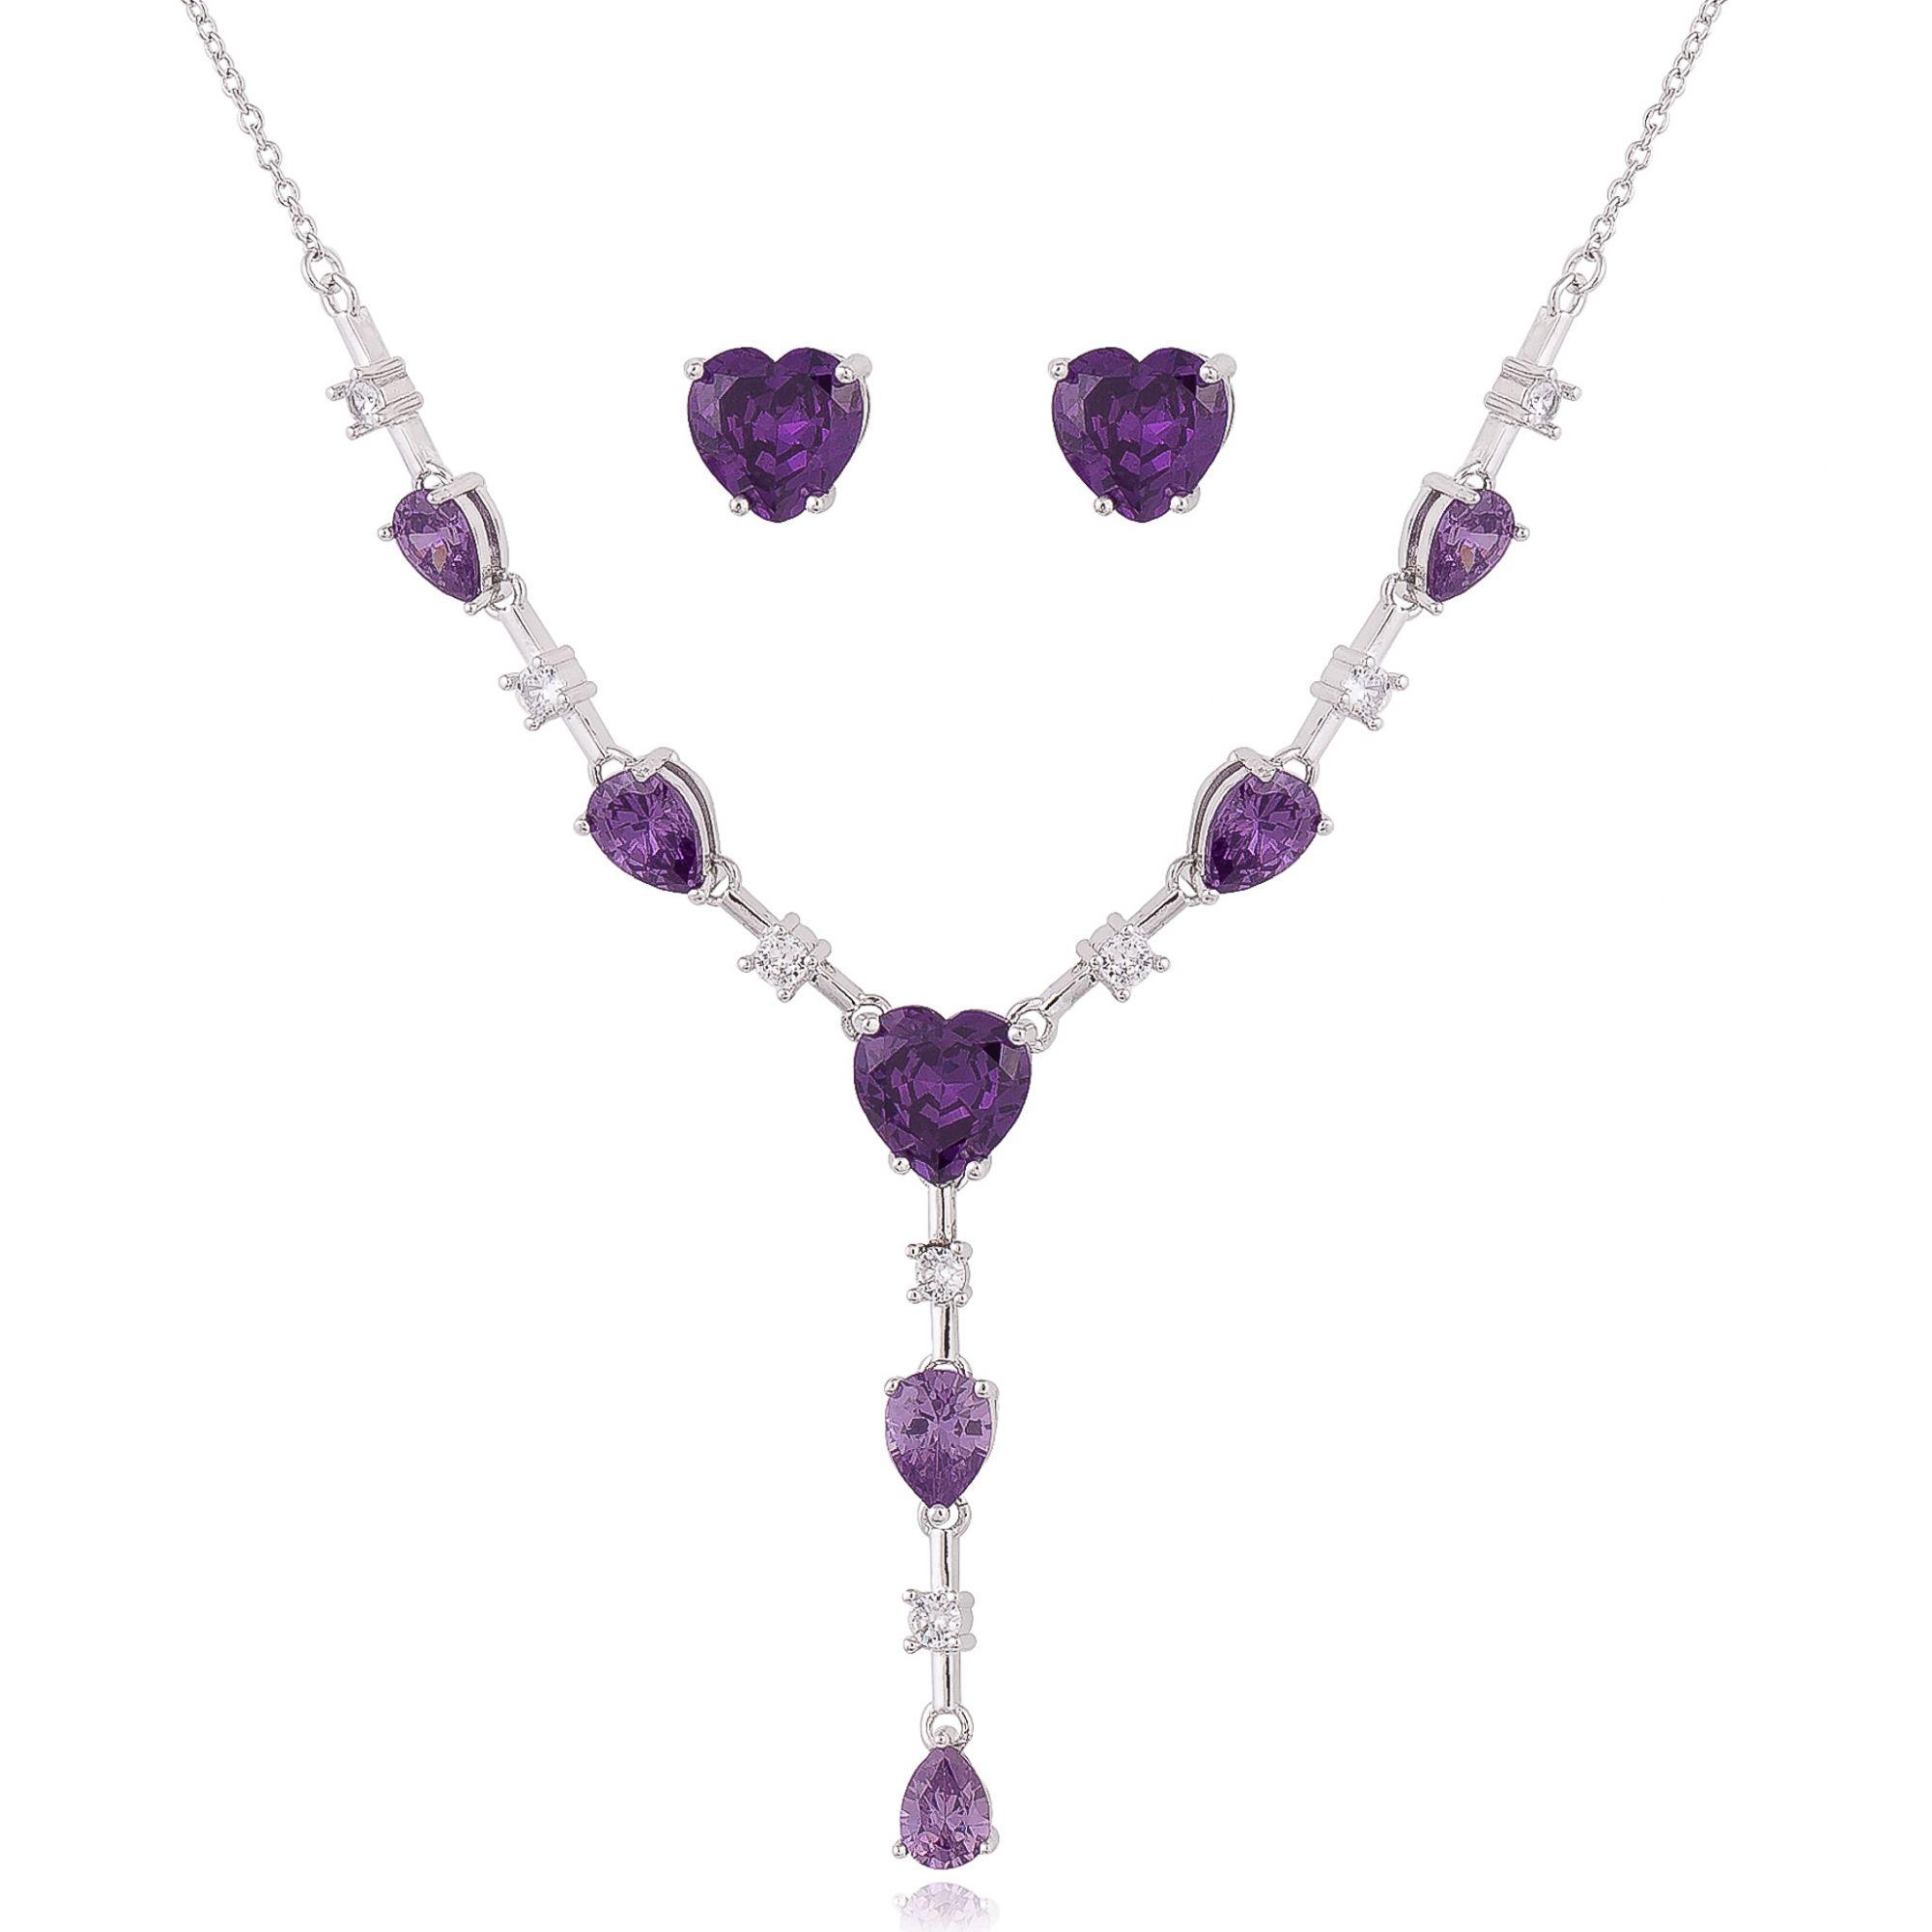 Conjunto com zircônias cristais e ultra violet banho de ródio branco.  - romabrazil.com.br